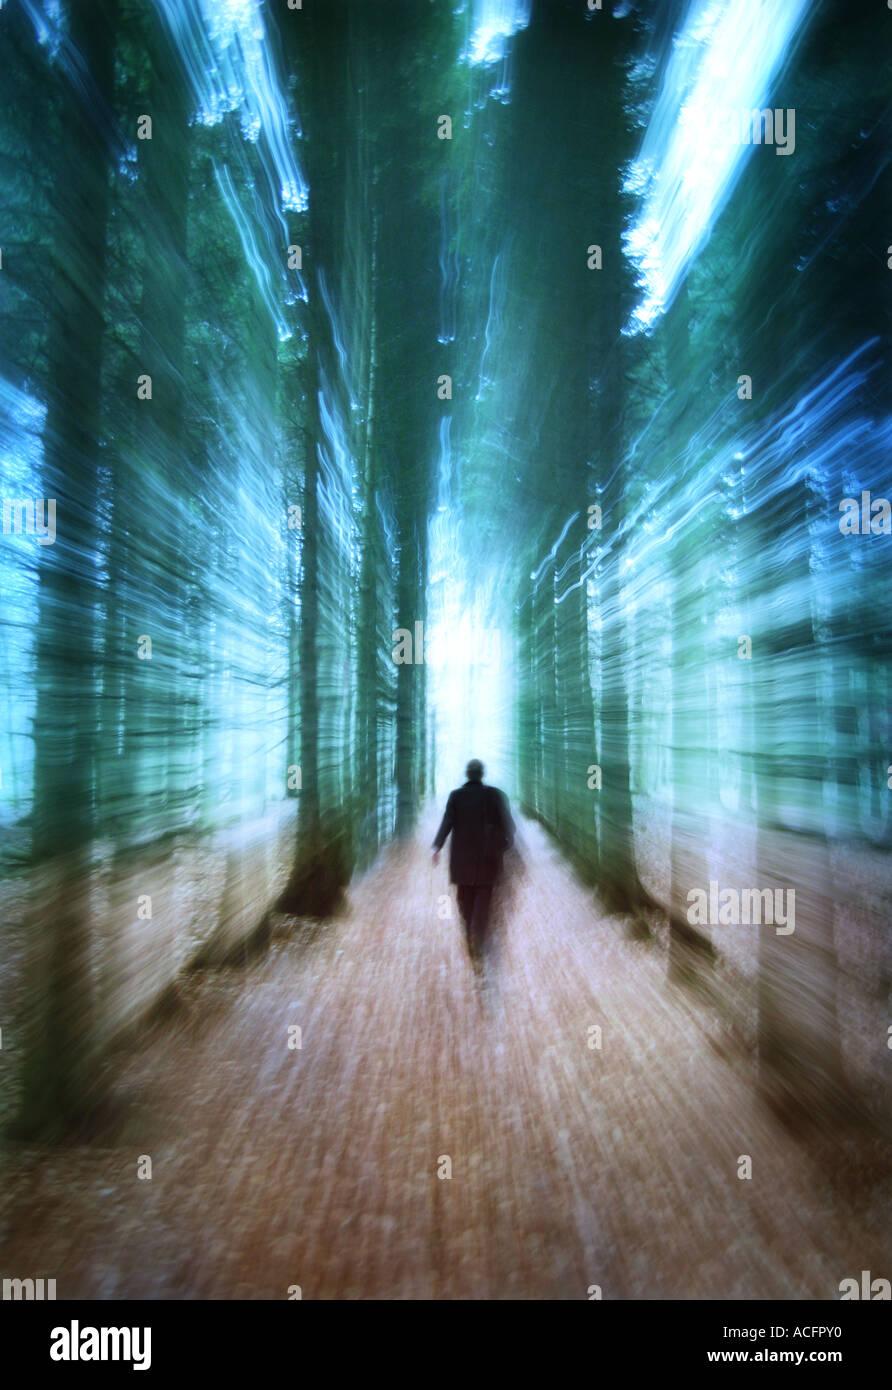 Foto di un uomo a camminare attraverso gli alberi Immagini Stock